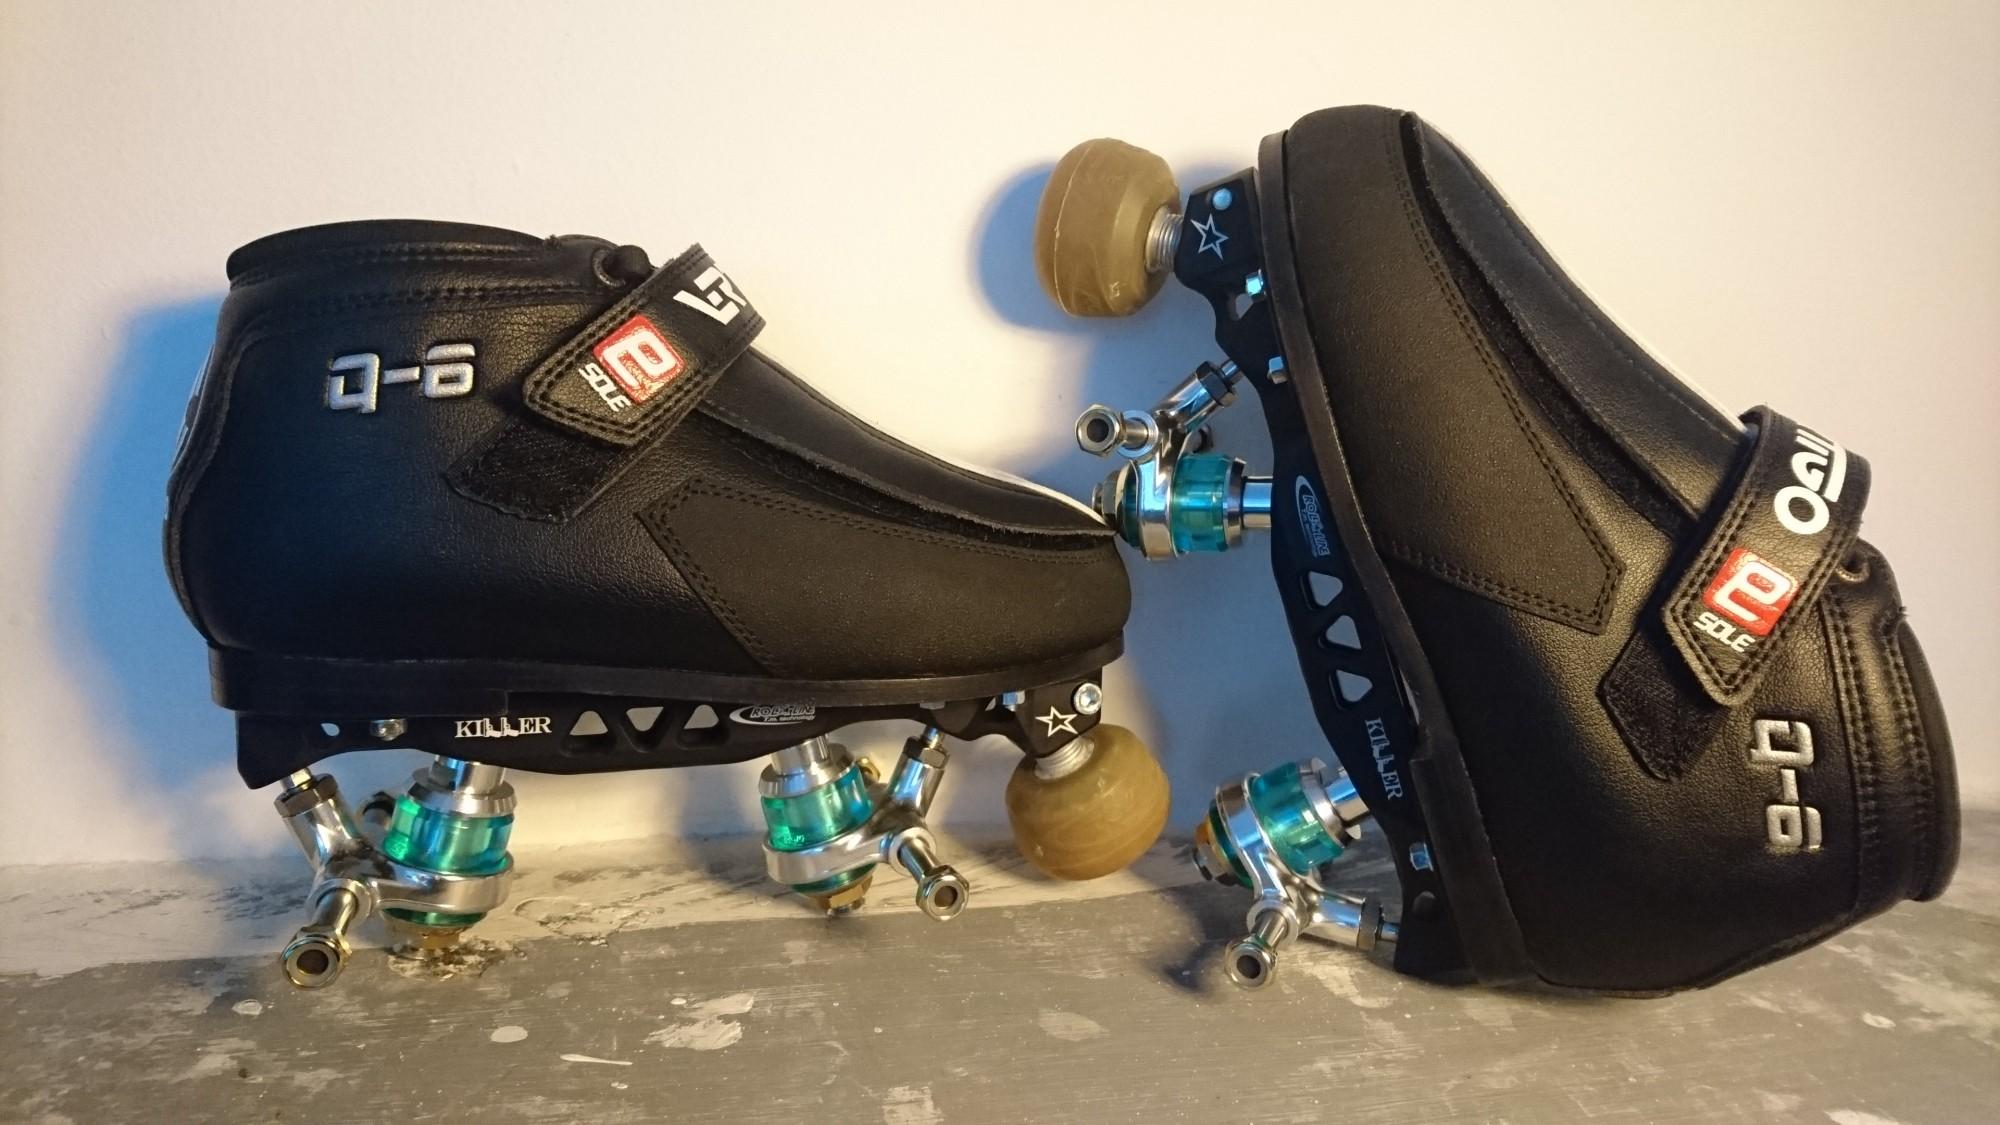 Q6 boot